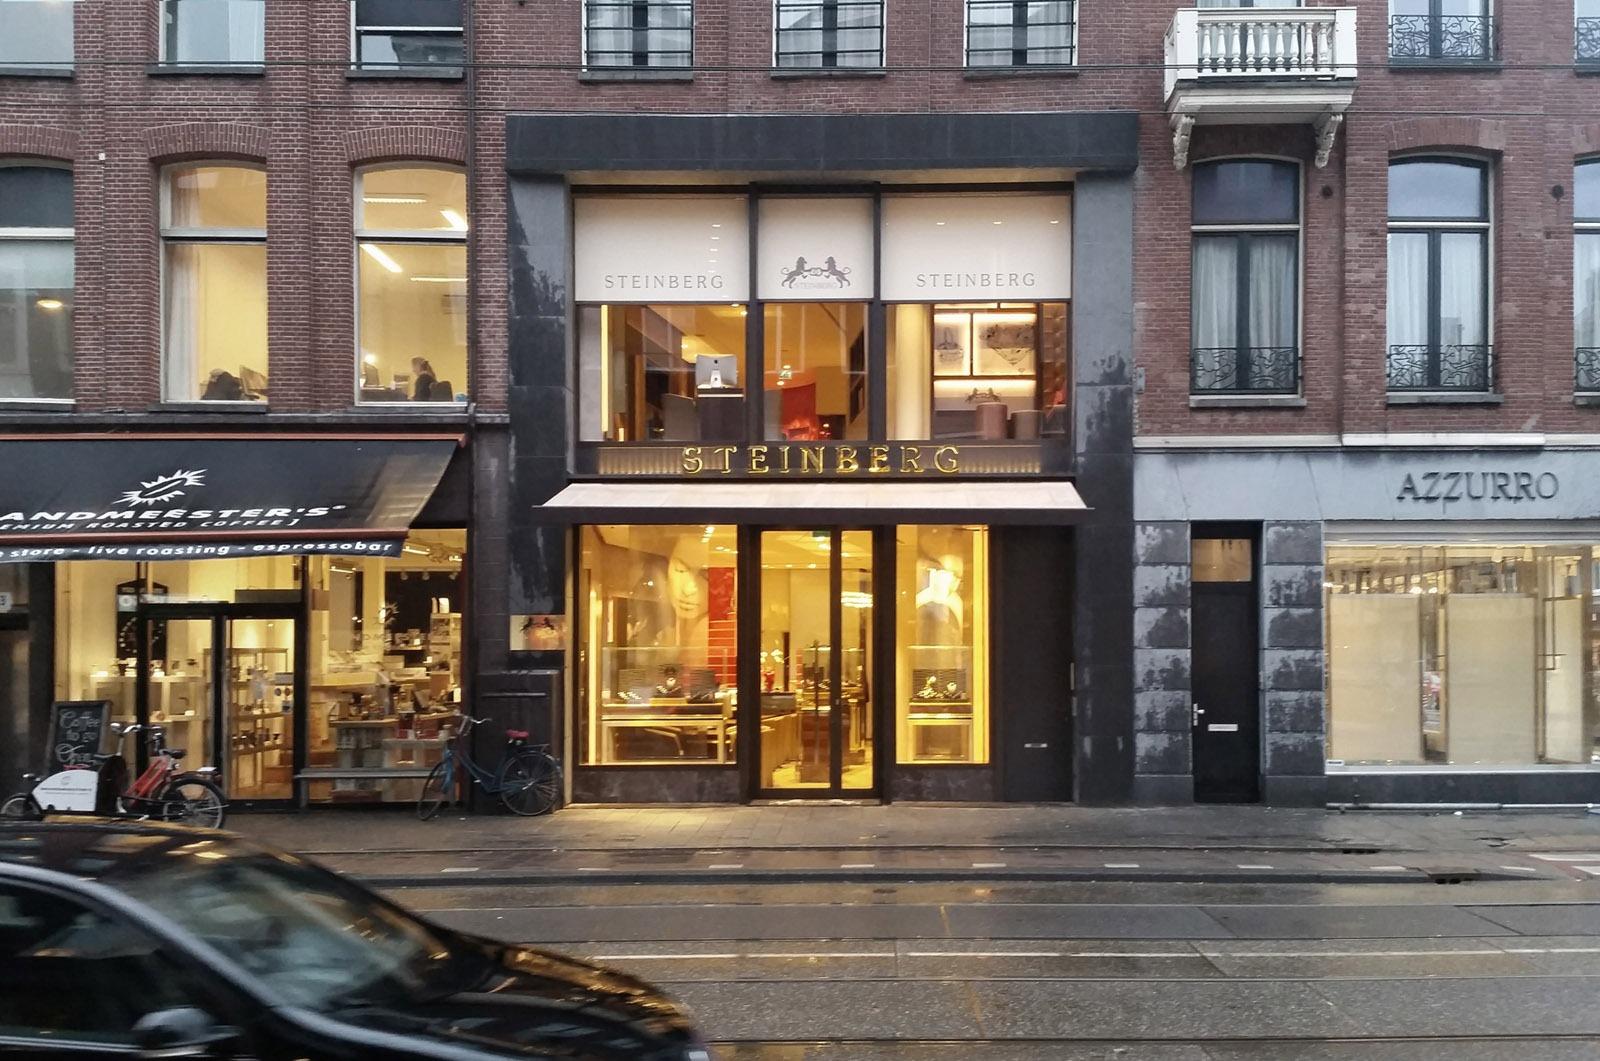 Steinberg Trouwringen Amsterdam